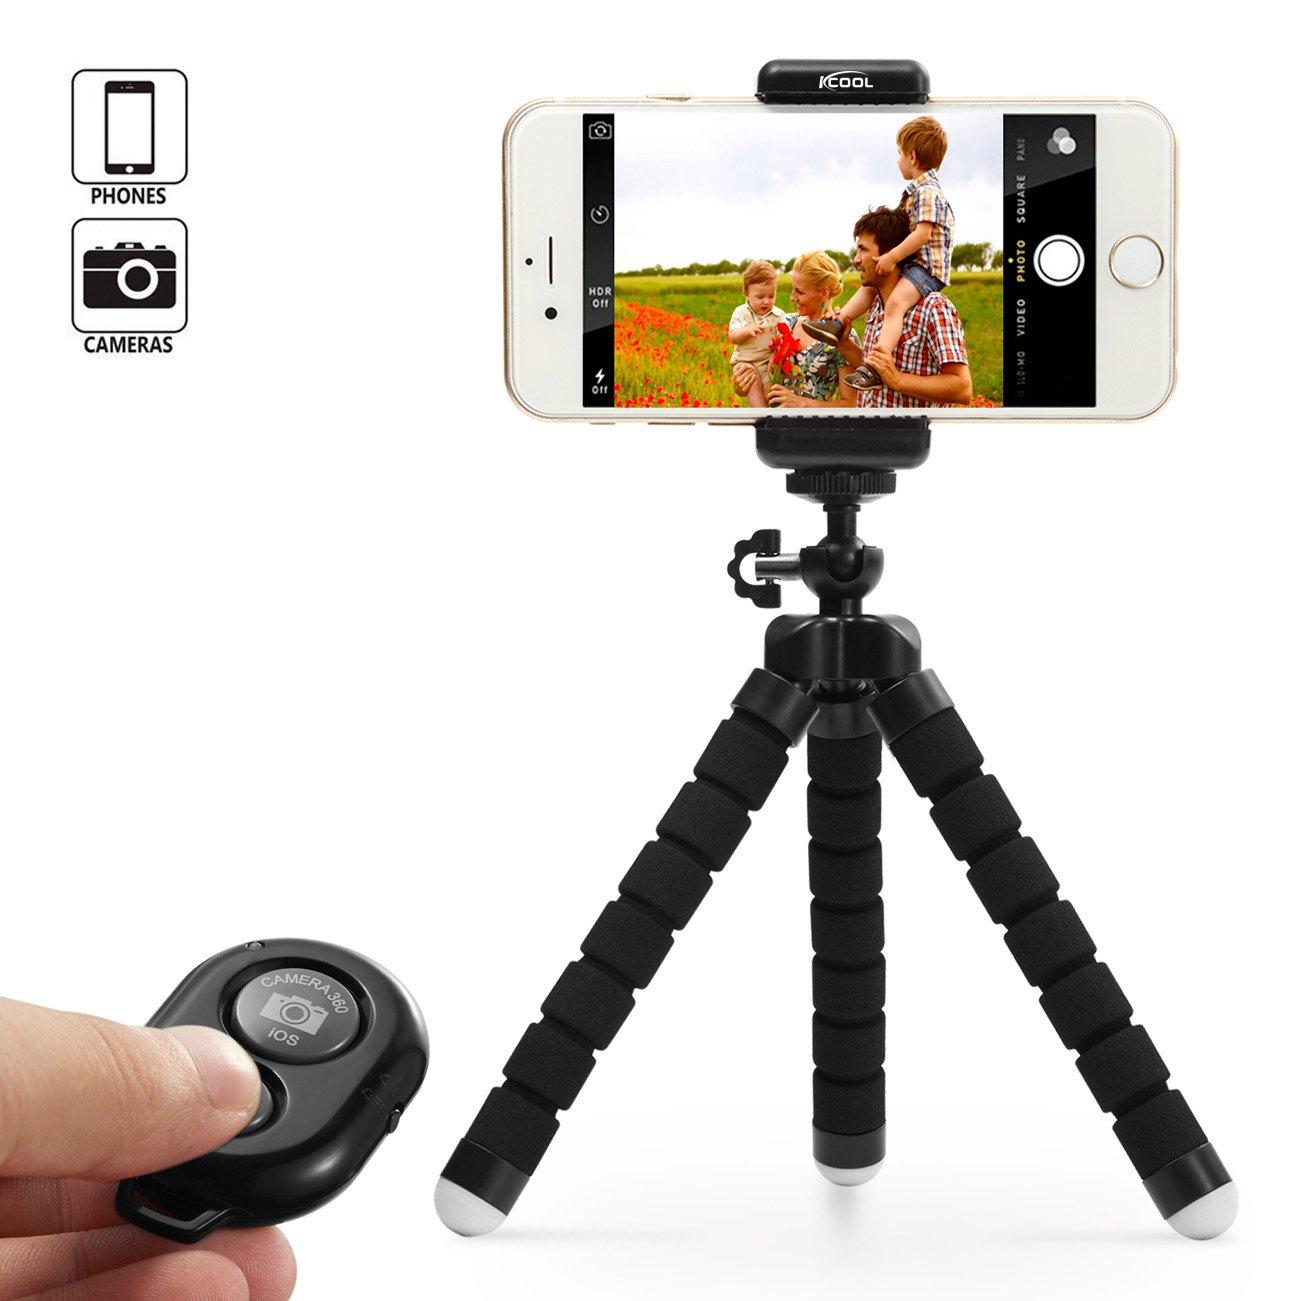 Los Mejores 6 Accesorios De Celular Para Tomar Las Mejores Fotos La Opinión